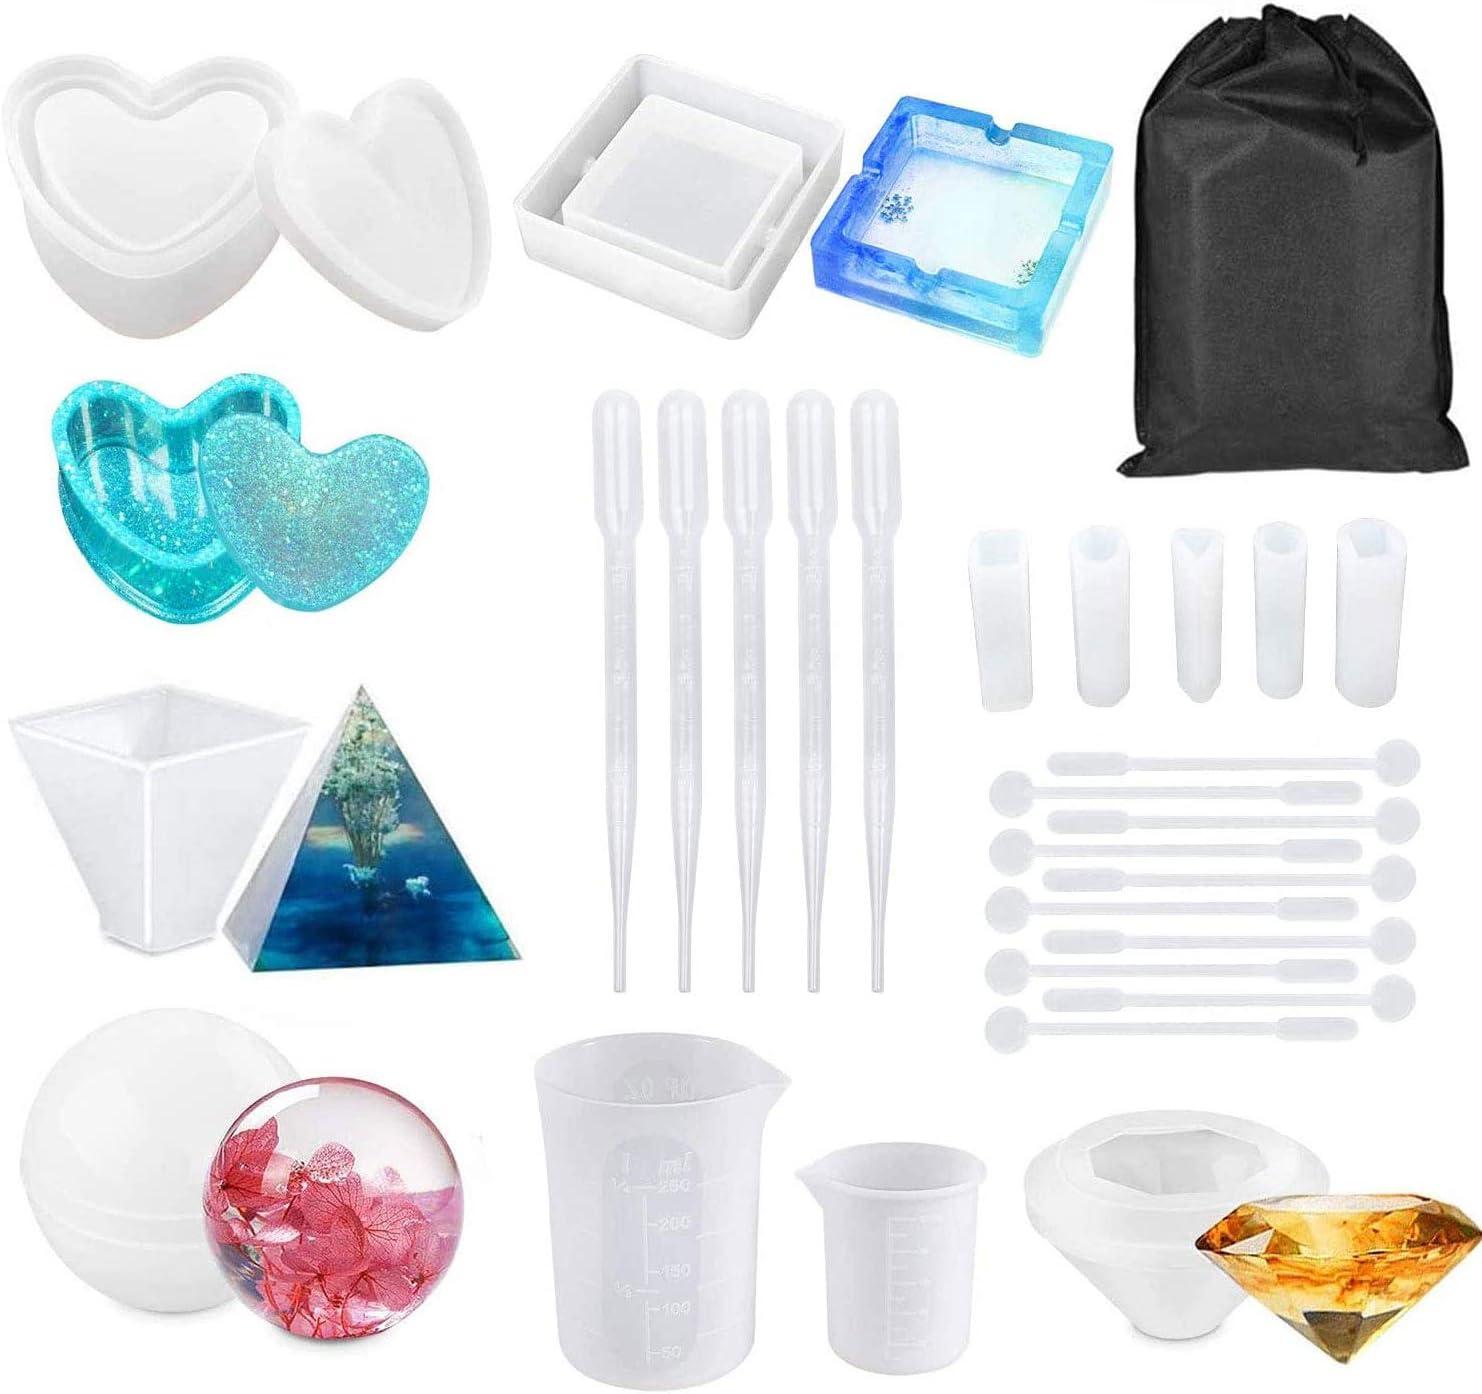 Sweetone Molde de resina de silicona, moldes de silicona de resina epoxi, juego de resina esférica con forma de corazón, caja de joyas de silicona, diamante, pirámide, colgante triangular